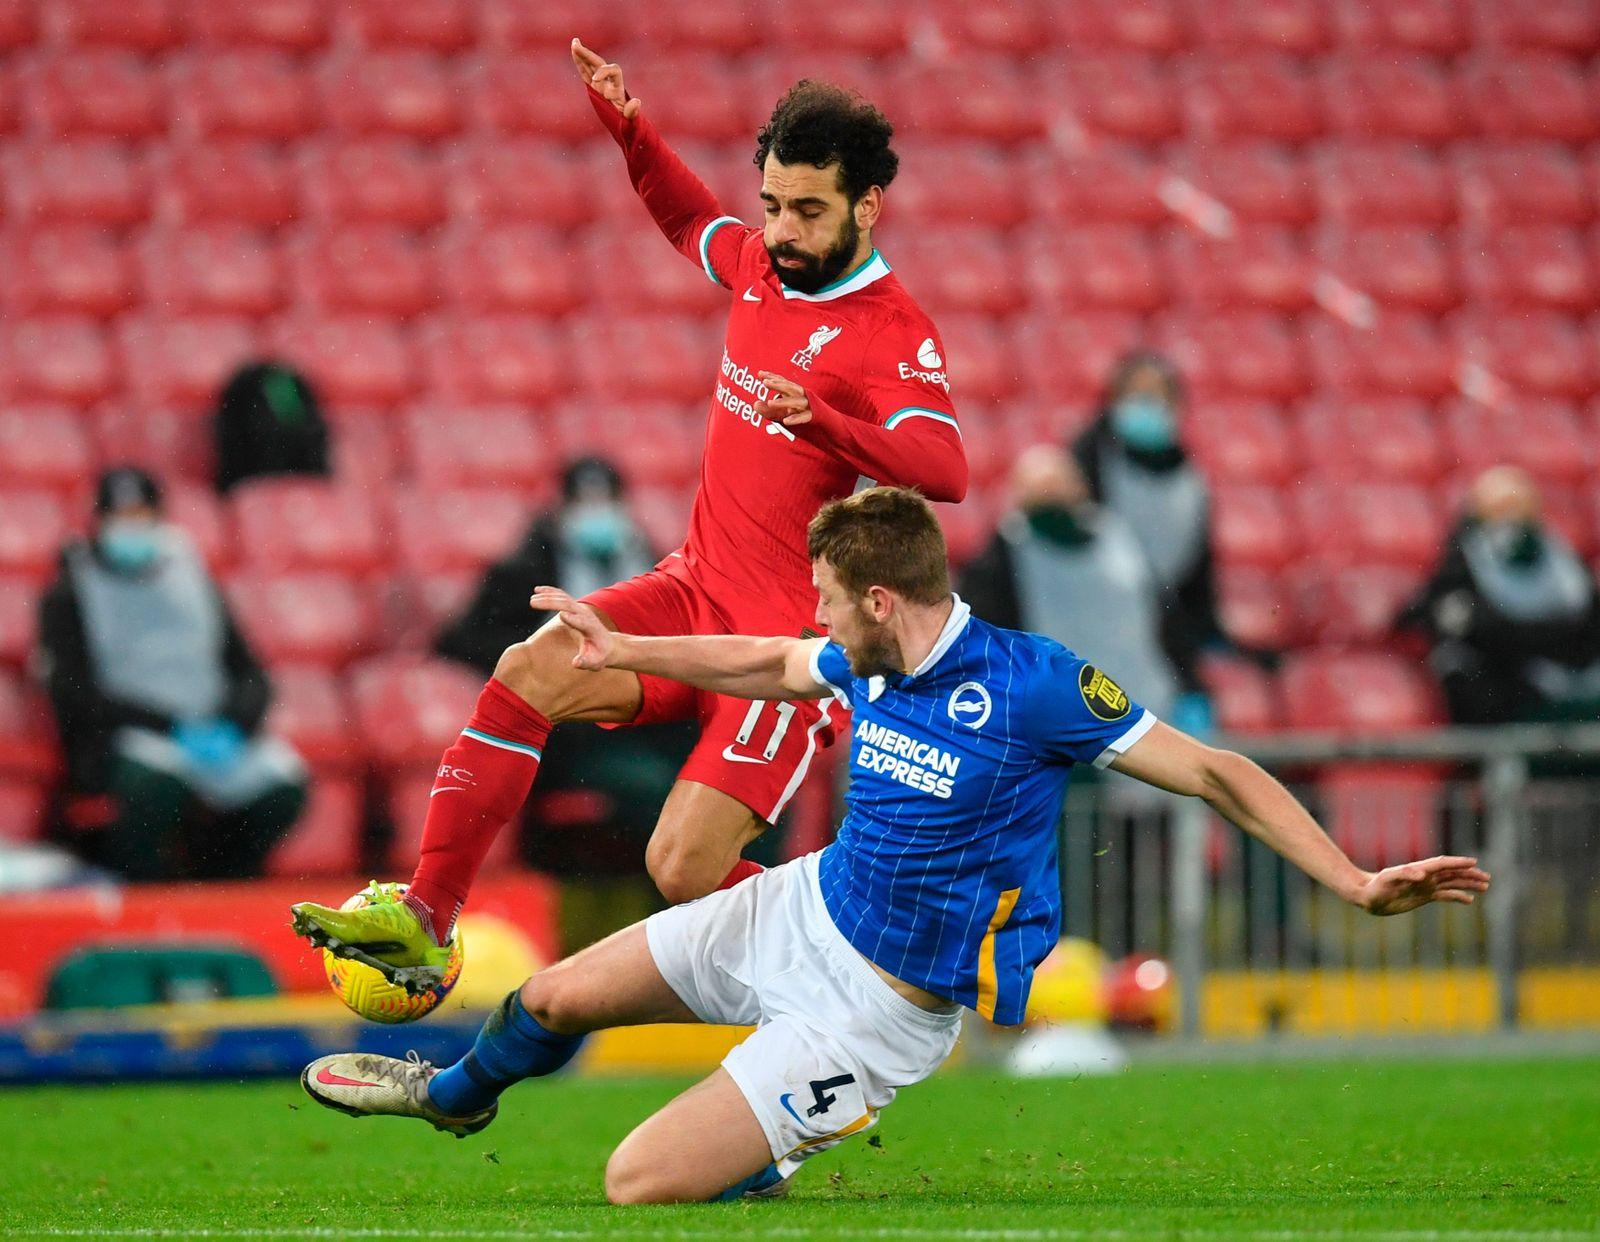 Liverpool FC vs Brighton Hove Albion, United Kingdom - 03 Feb 2021